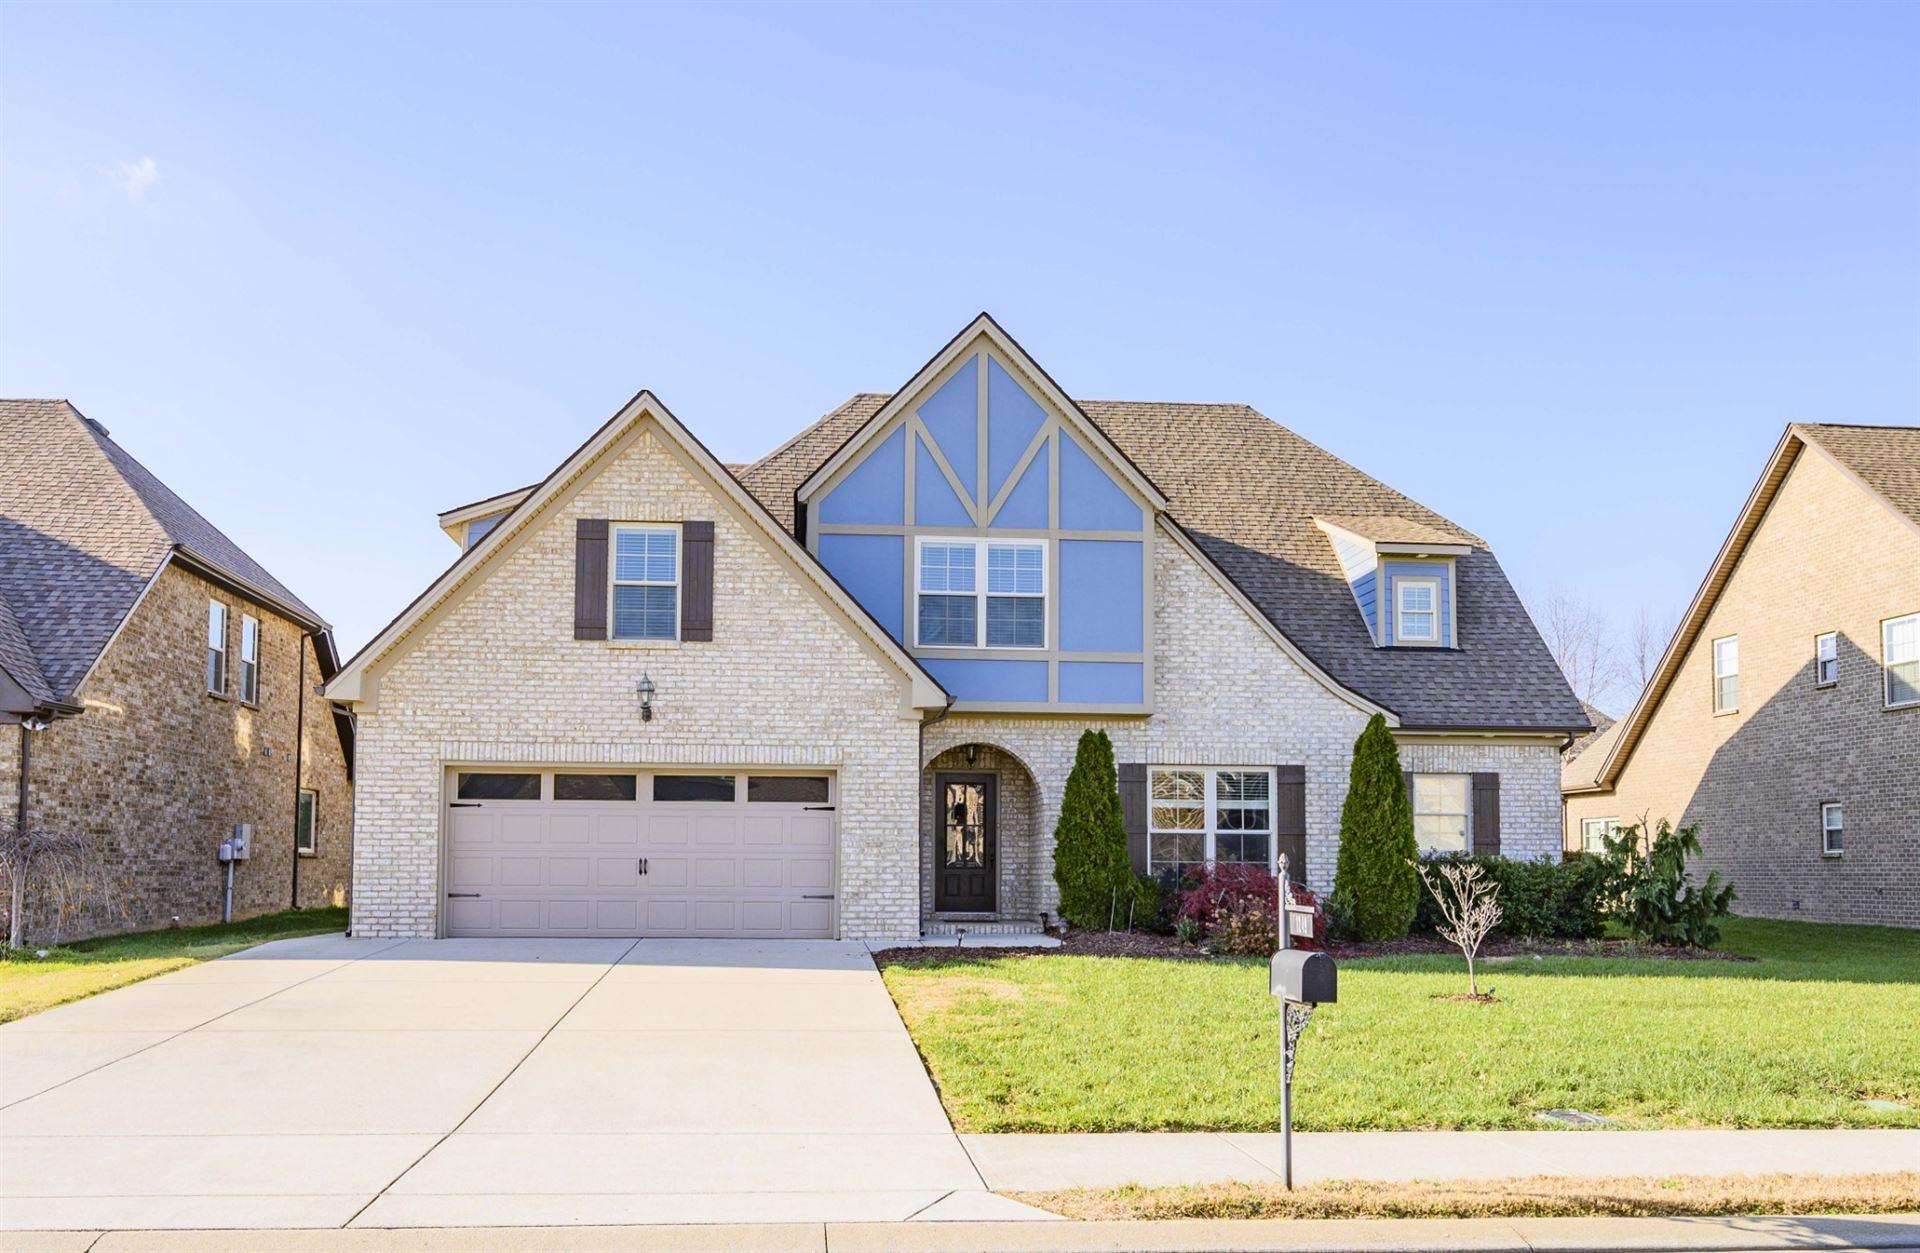 Photo of 1249 Hensfield Dr, Murfreesboro, TN 37128 (MLS # 2211418)